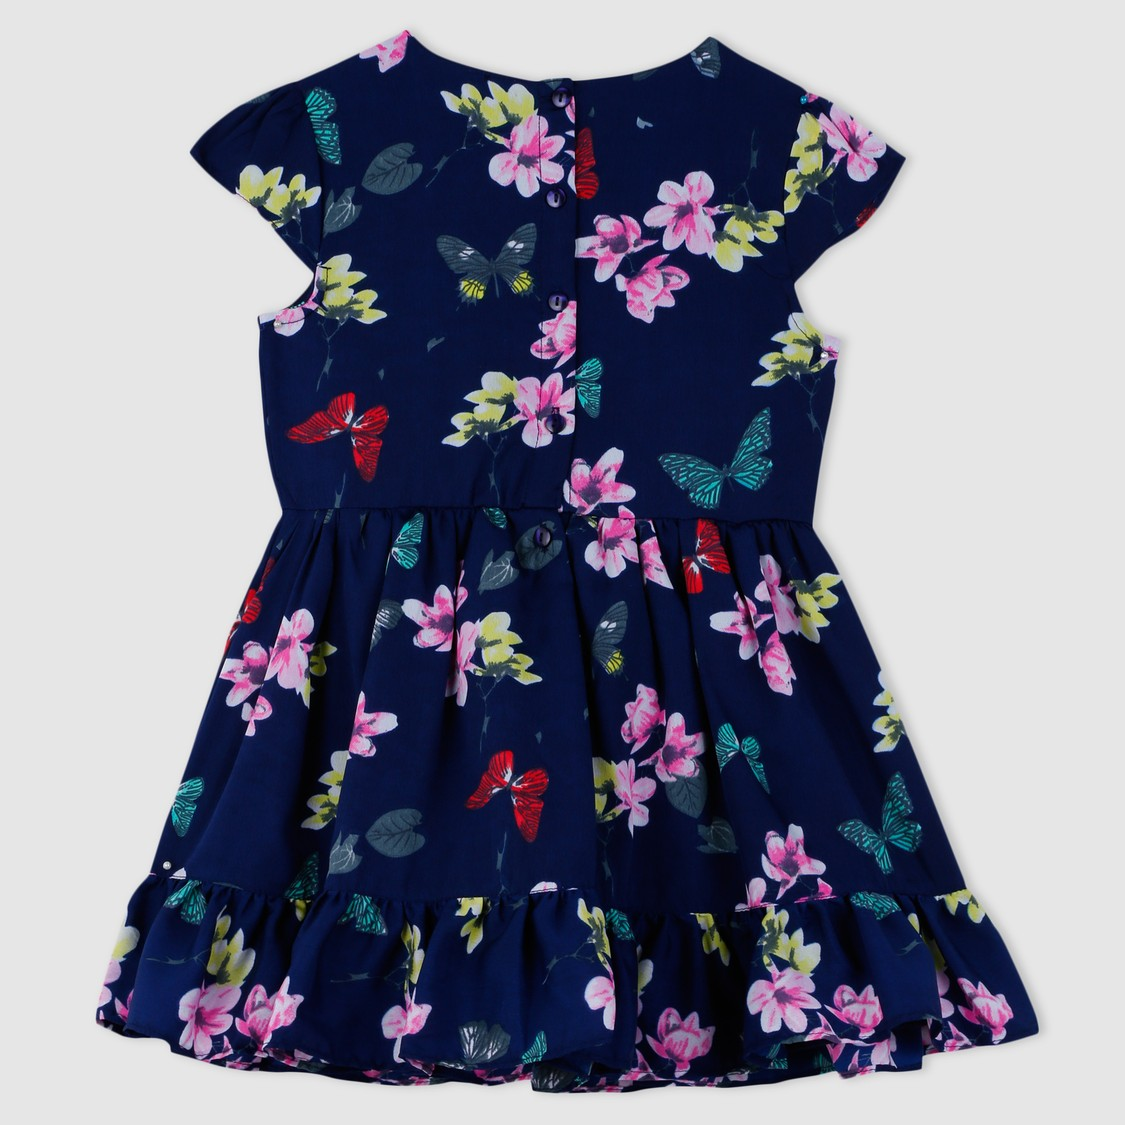 فستان بطبعات أزهار وأكمام قصيرة